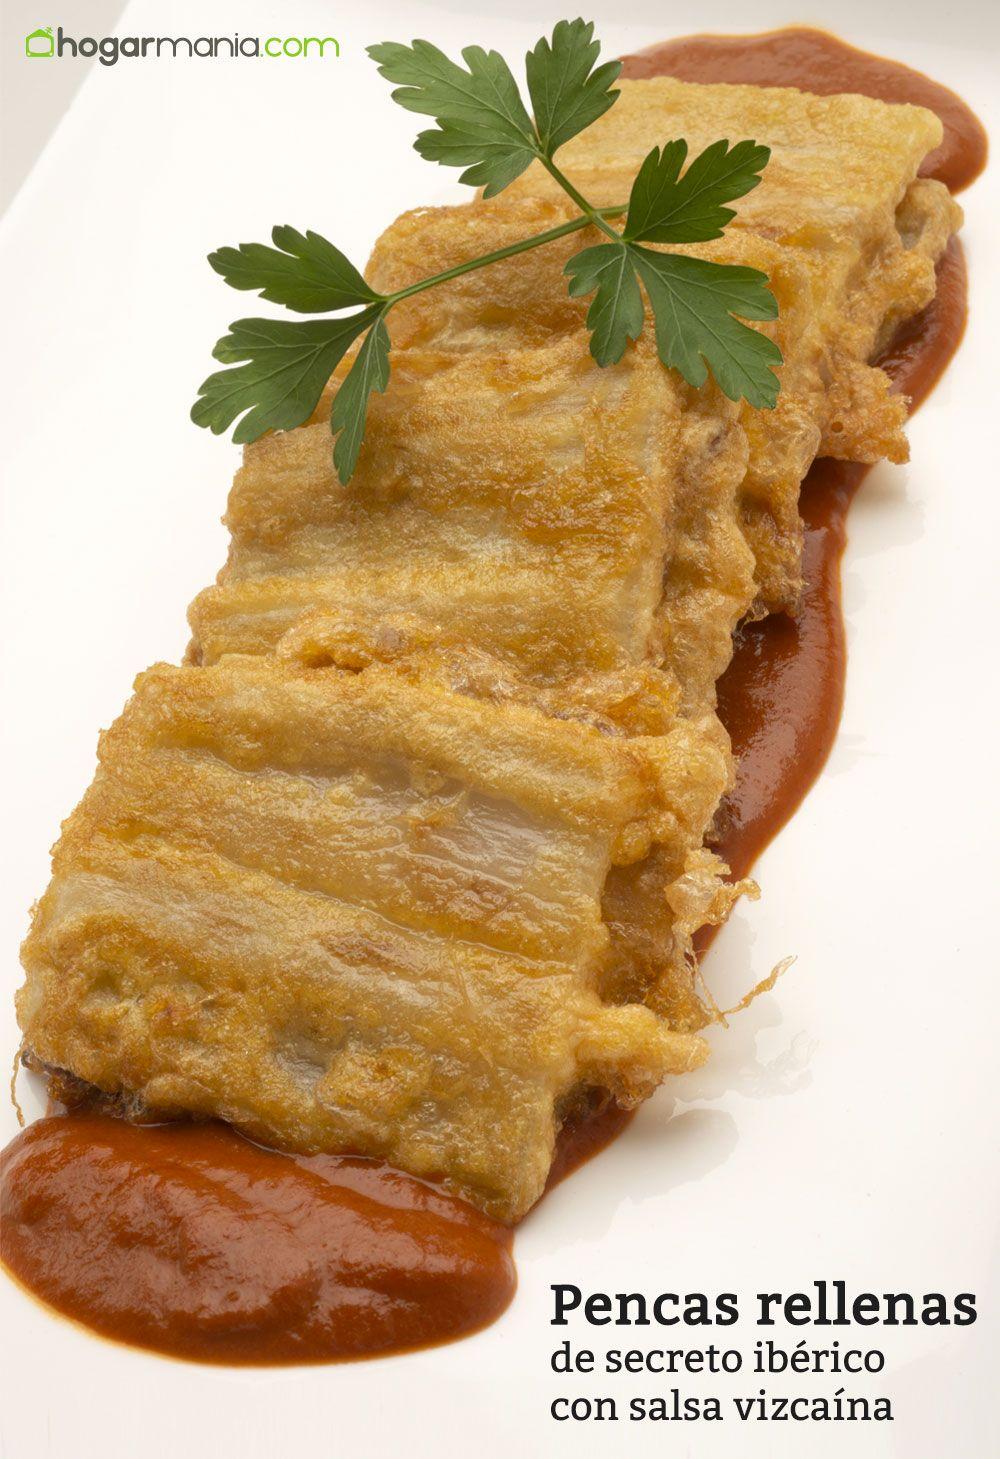 Pencas rellenas de secreto ibérico con salsa vizcaína